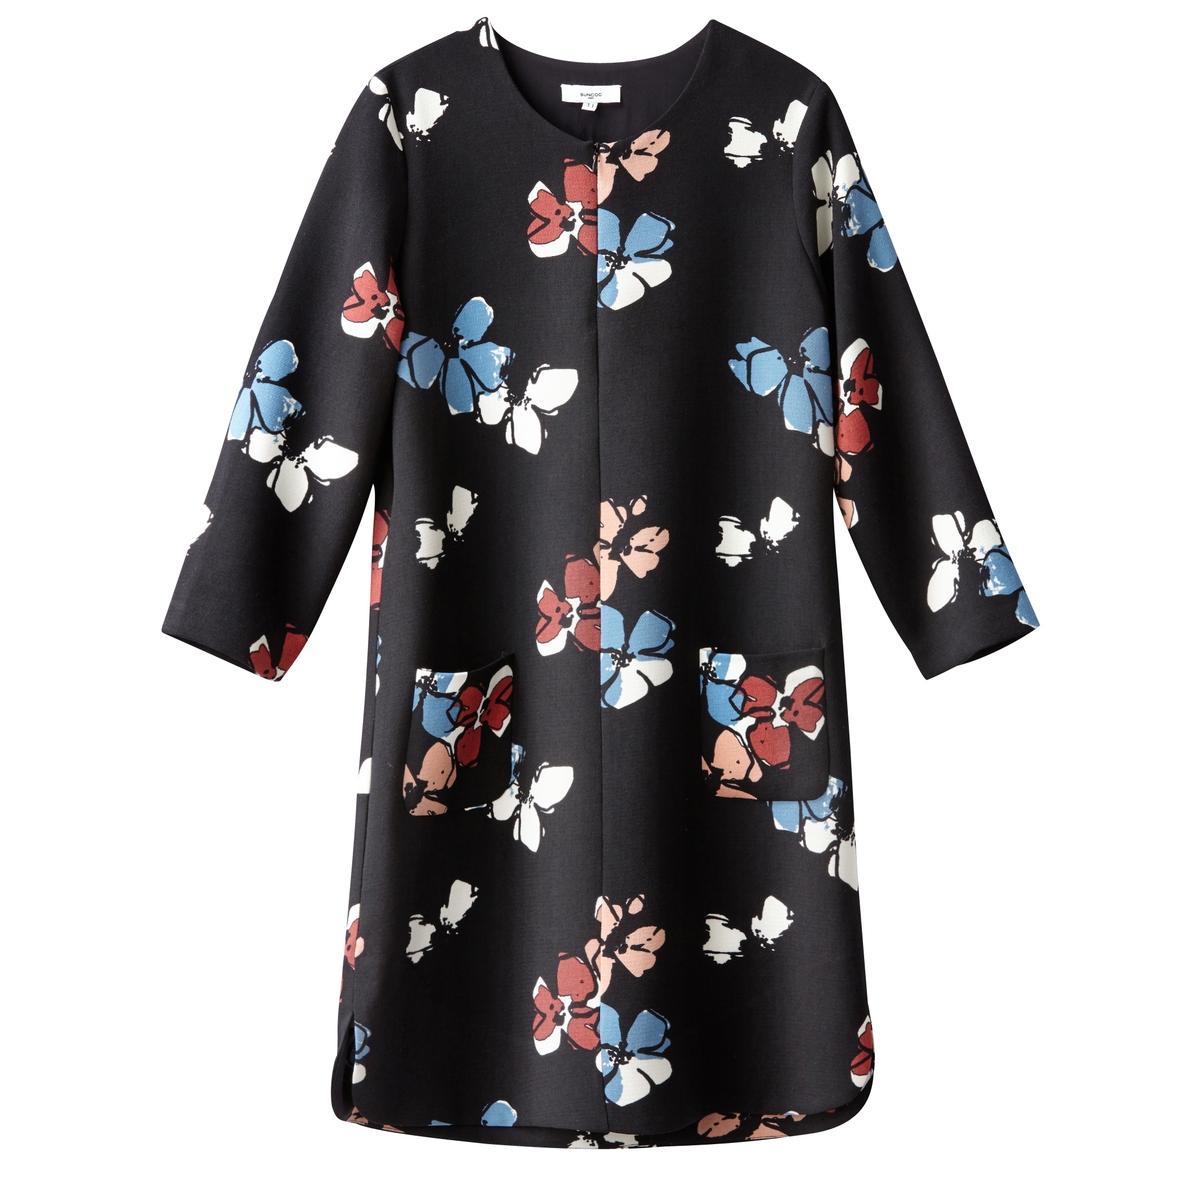 Платье с рисунком ROBE CONSTANCEПлатье с длинными рукавами ROBE CONSTANCE от SUNCOO. Платье прямого покроя на подкладке. Цветочный рисунок. Круглый вырез. Состав и описание :Материал : 100% полиэстер. Подкладка 100% растительные волокнаМарка : SUNCOO<br><br>Цвет: цветочный рисунок